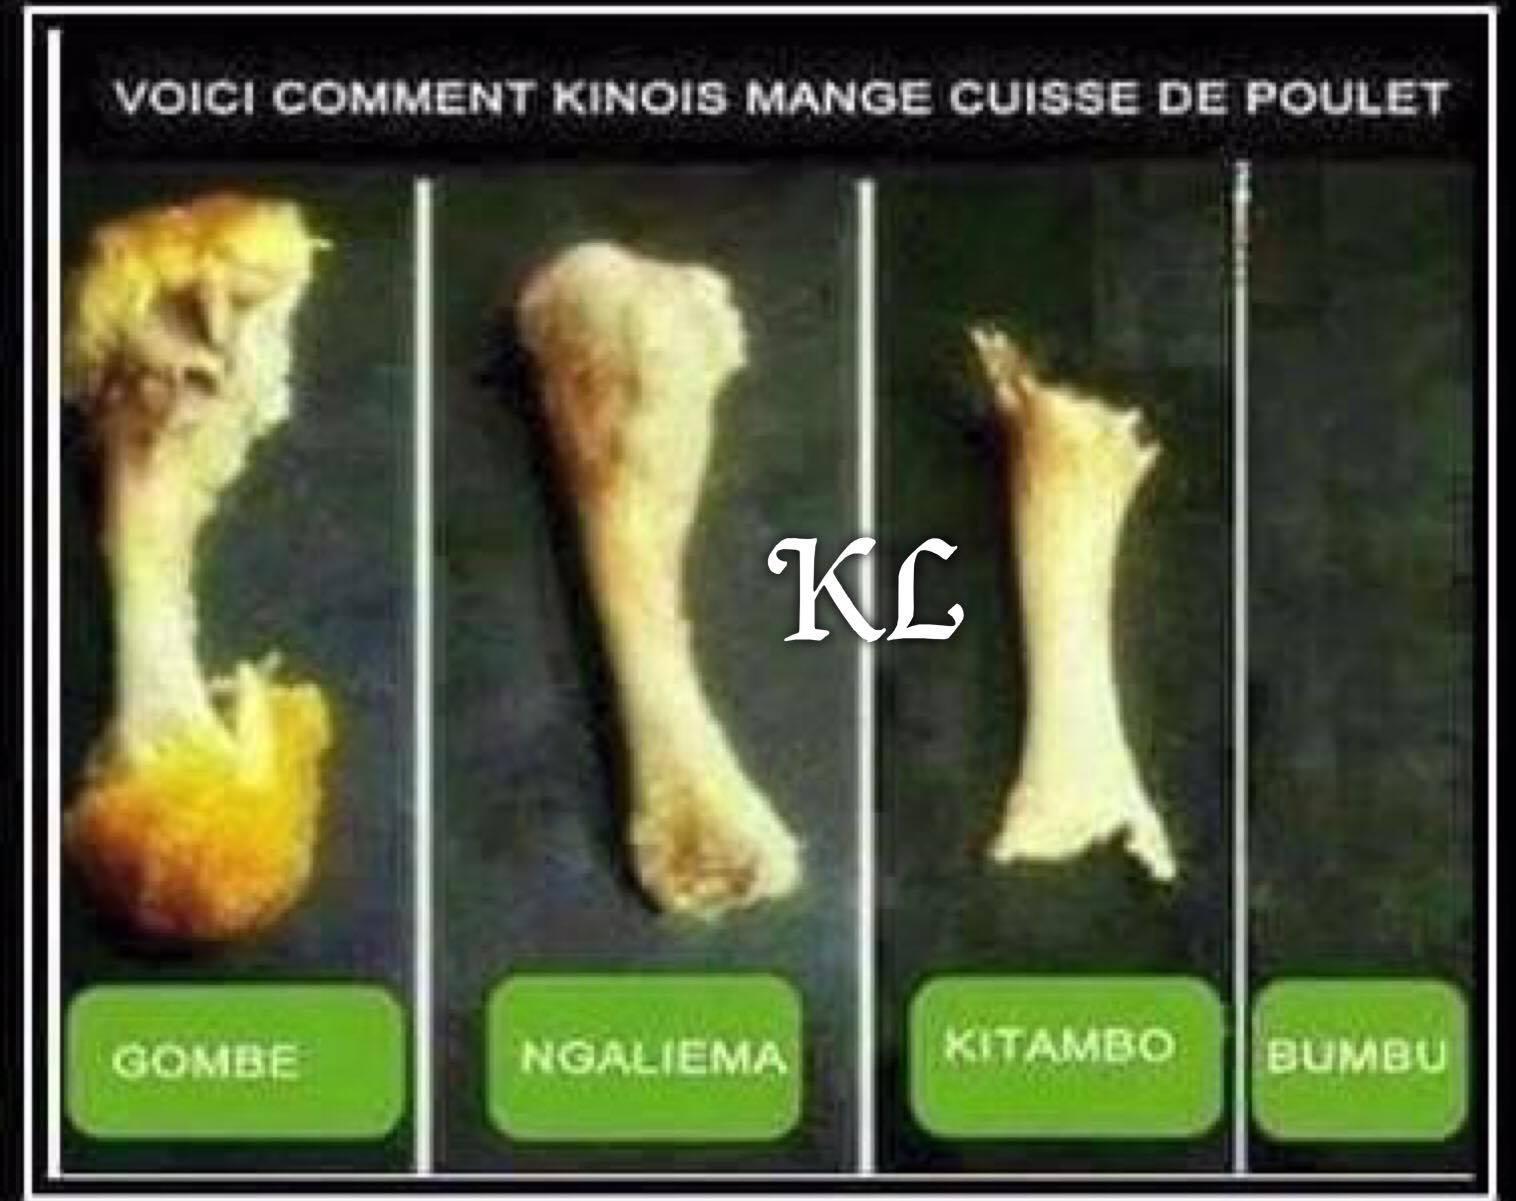 Voici comment les Congolais de Kinshasa (kinois) mangent cuisse de poulet